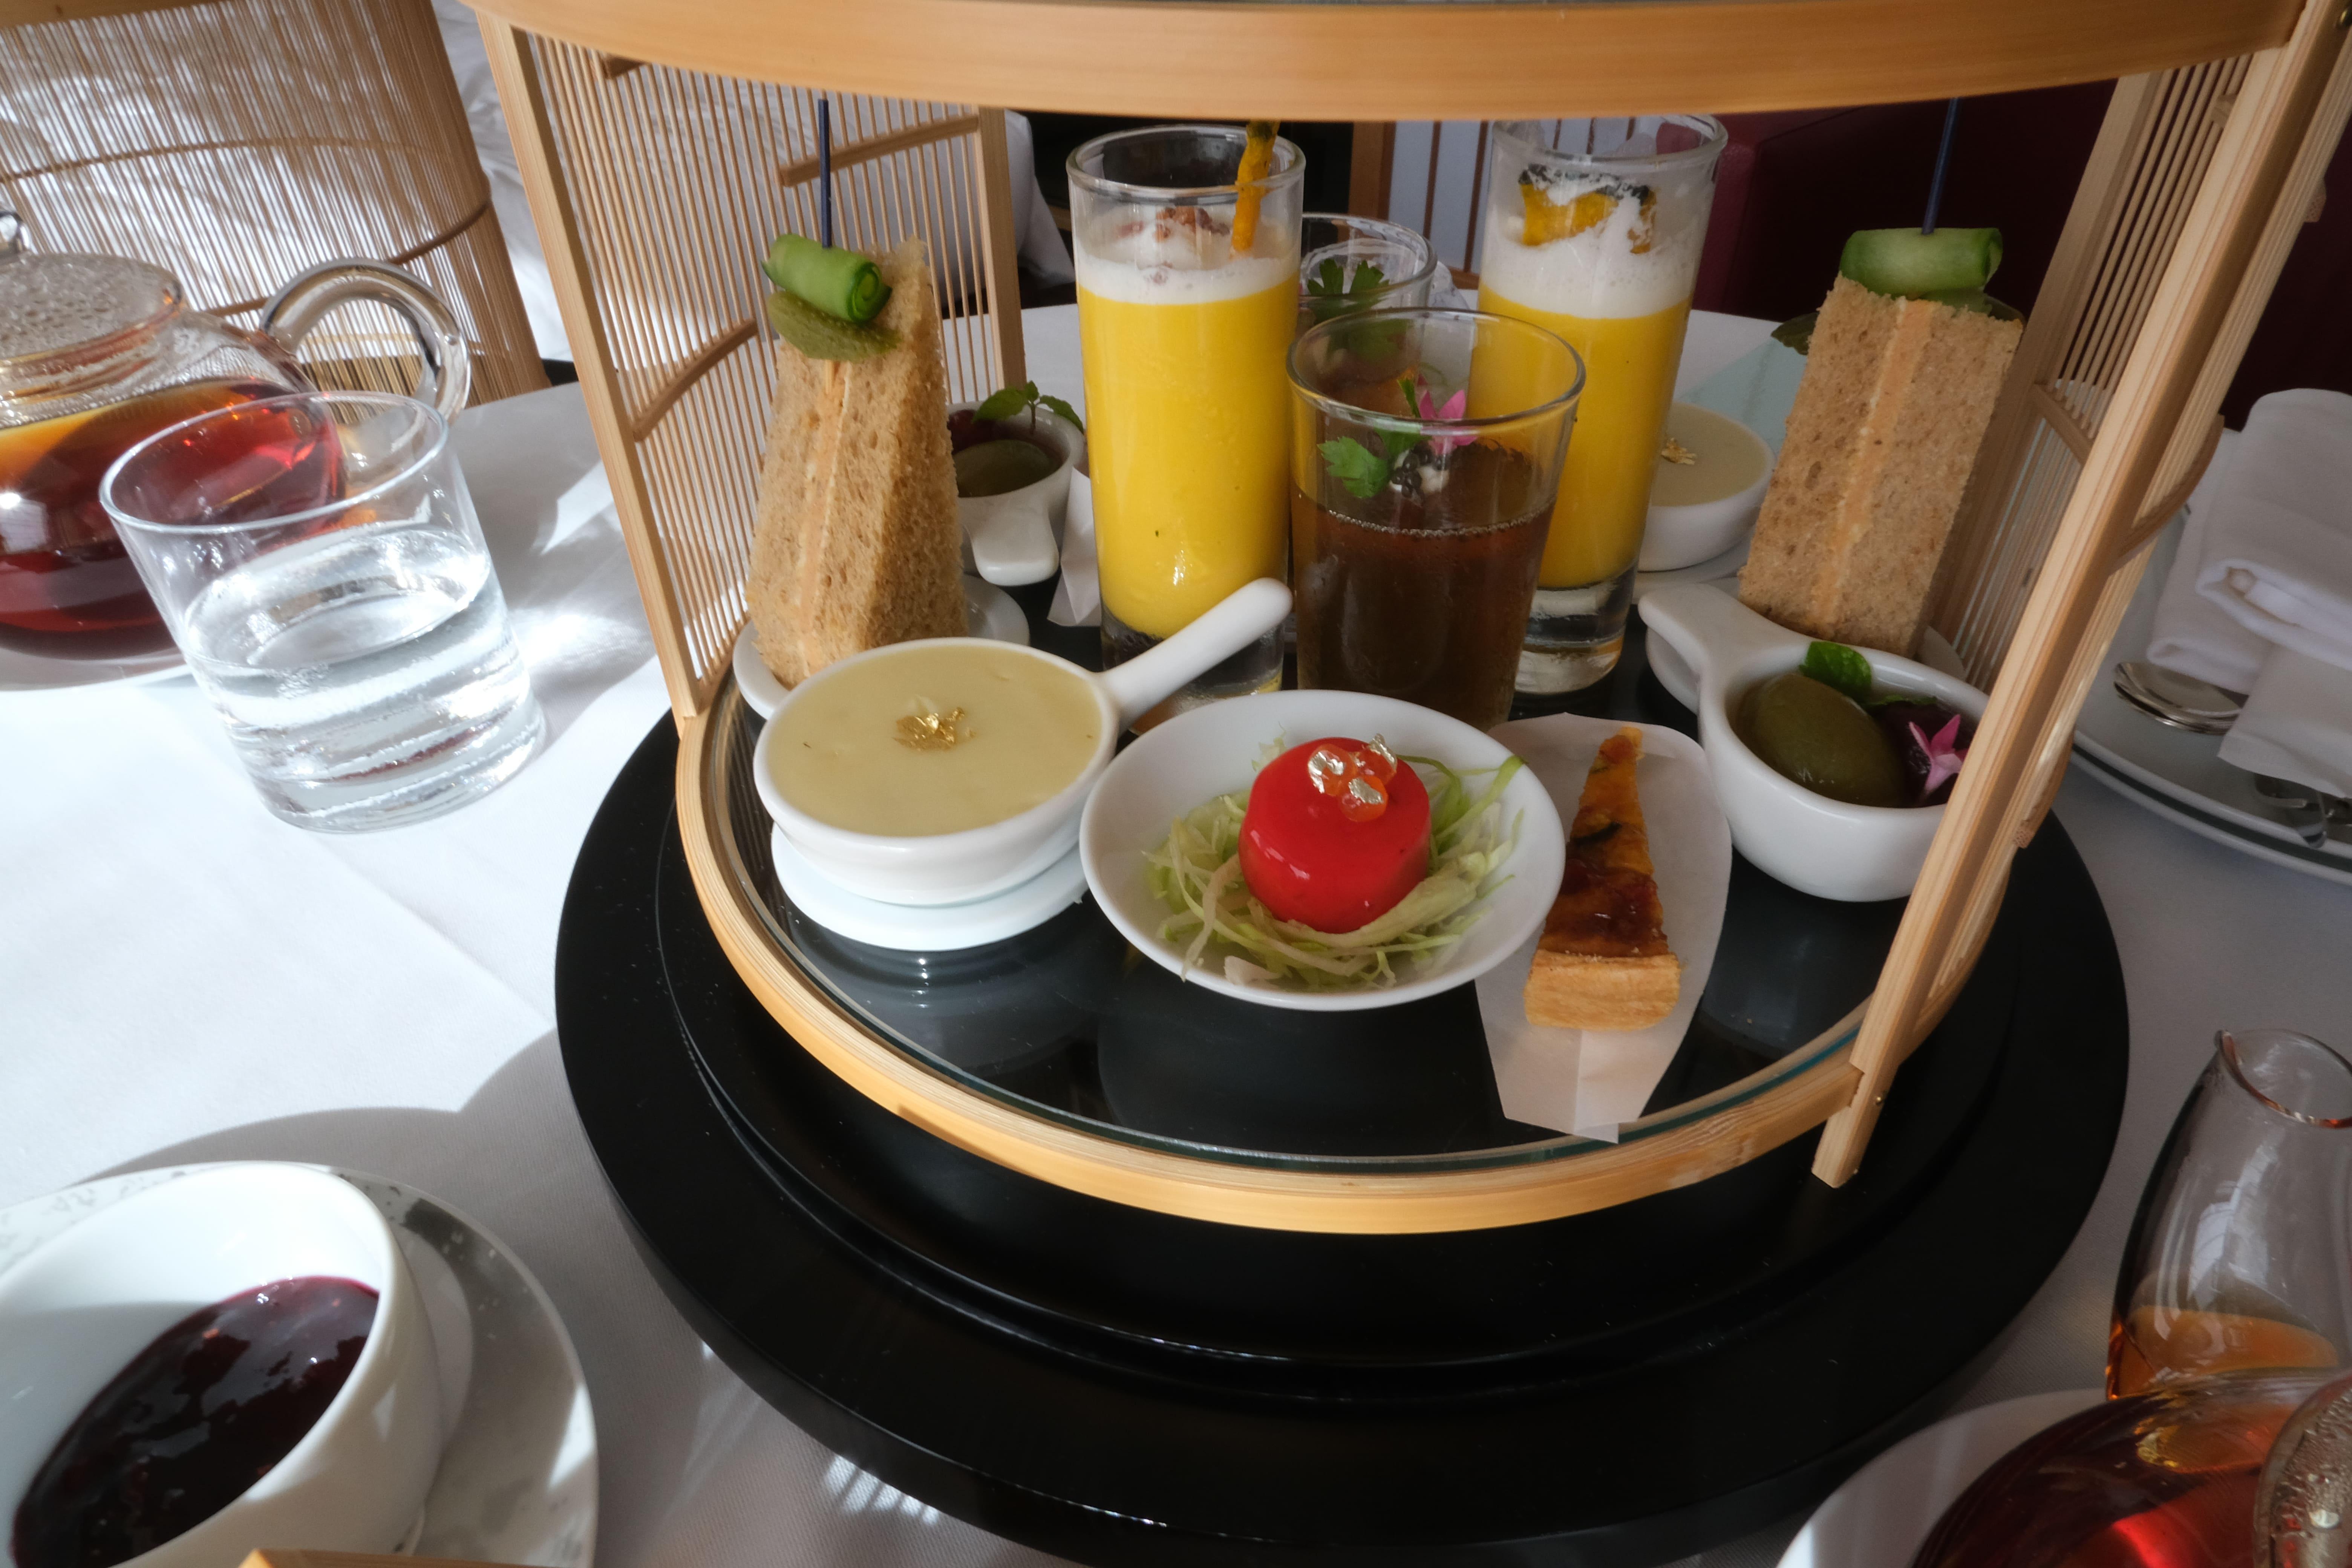 ザ・キャピタルホテル東急のアフタヌーンティーの食事